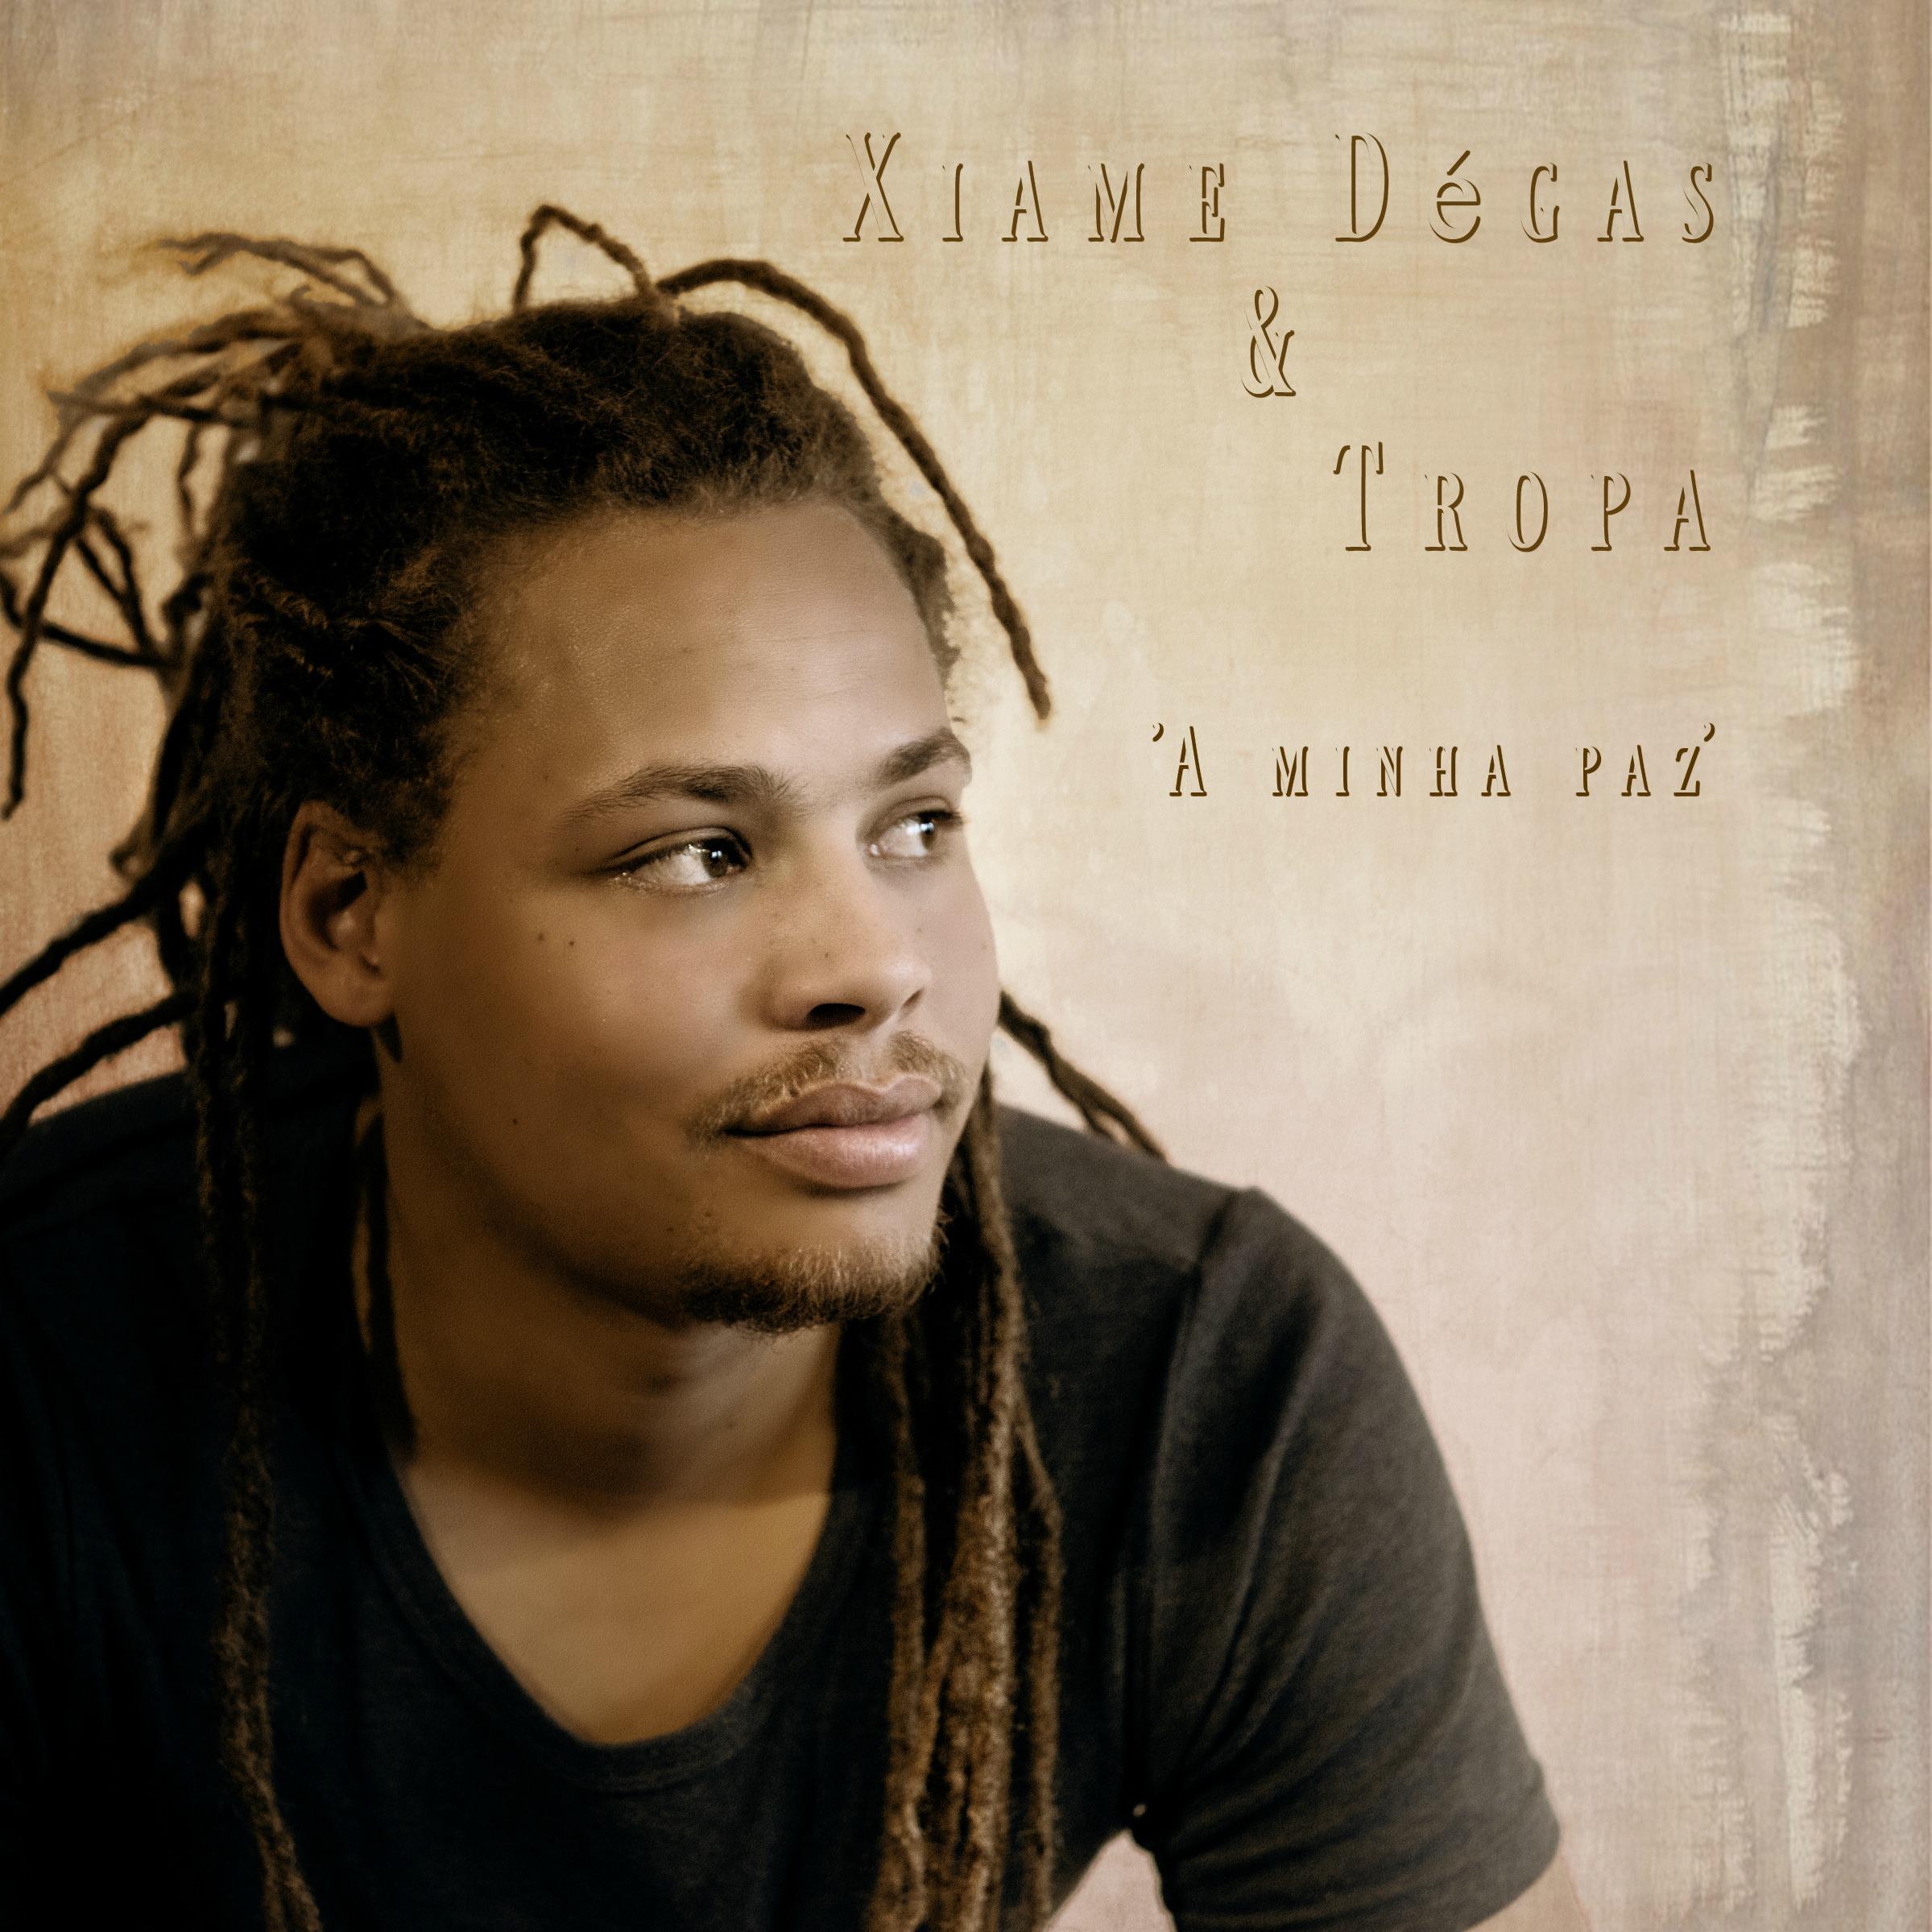 A minha paz - Single release - Cover